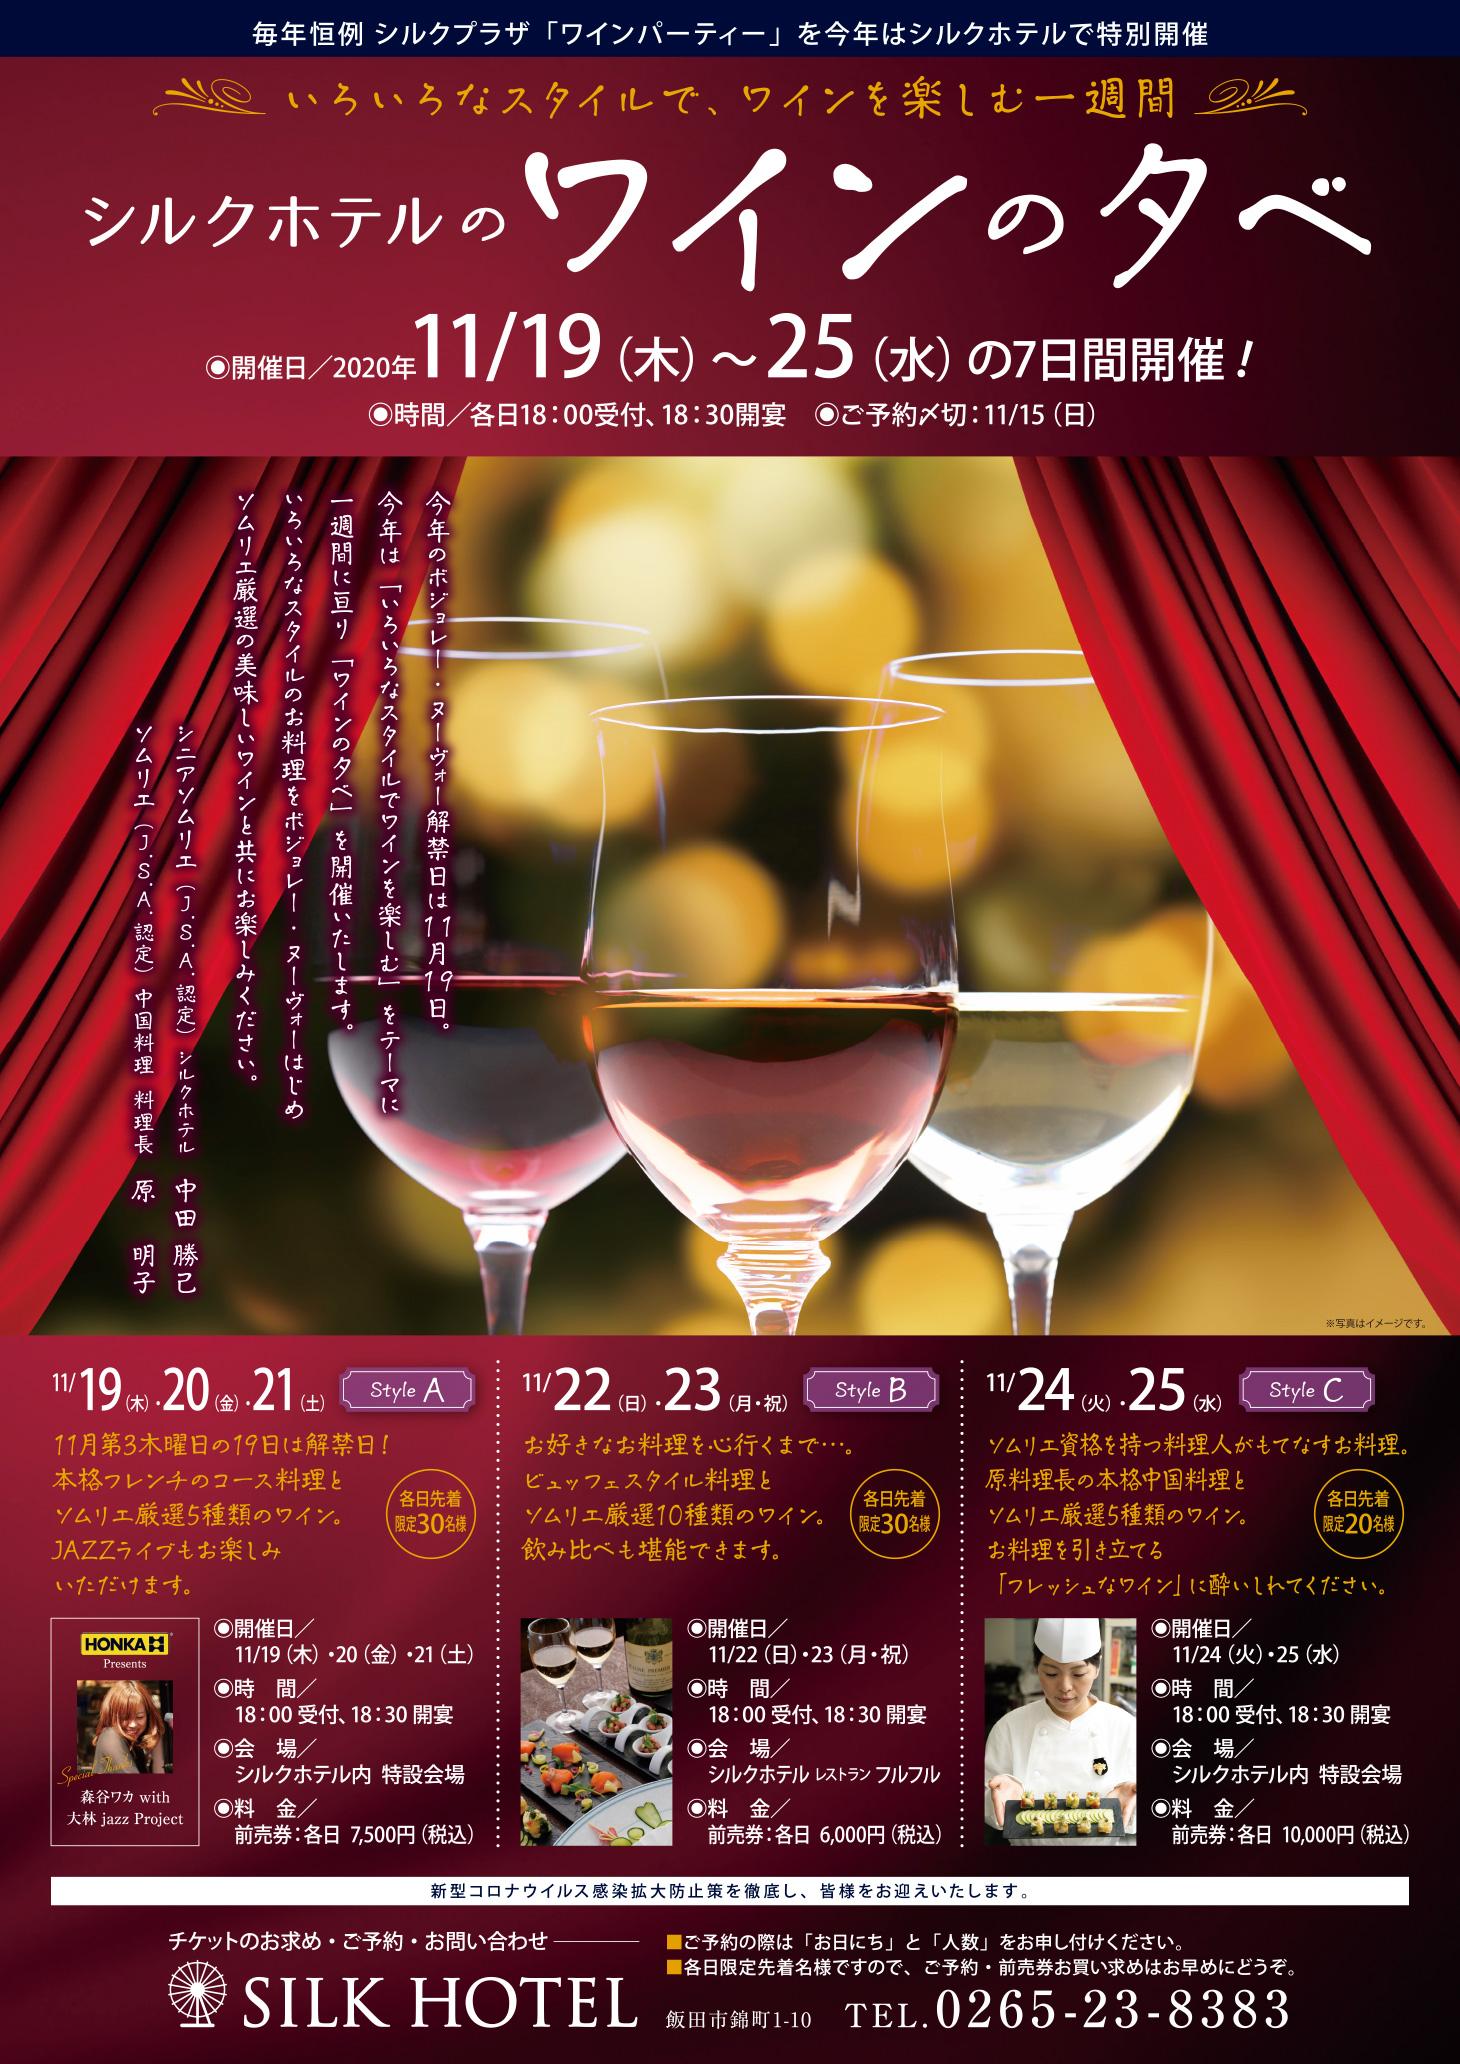 今年はシルクホテルでワインパーティーを開催します!